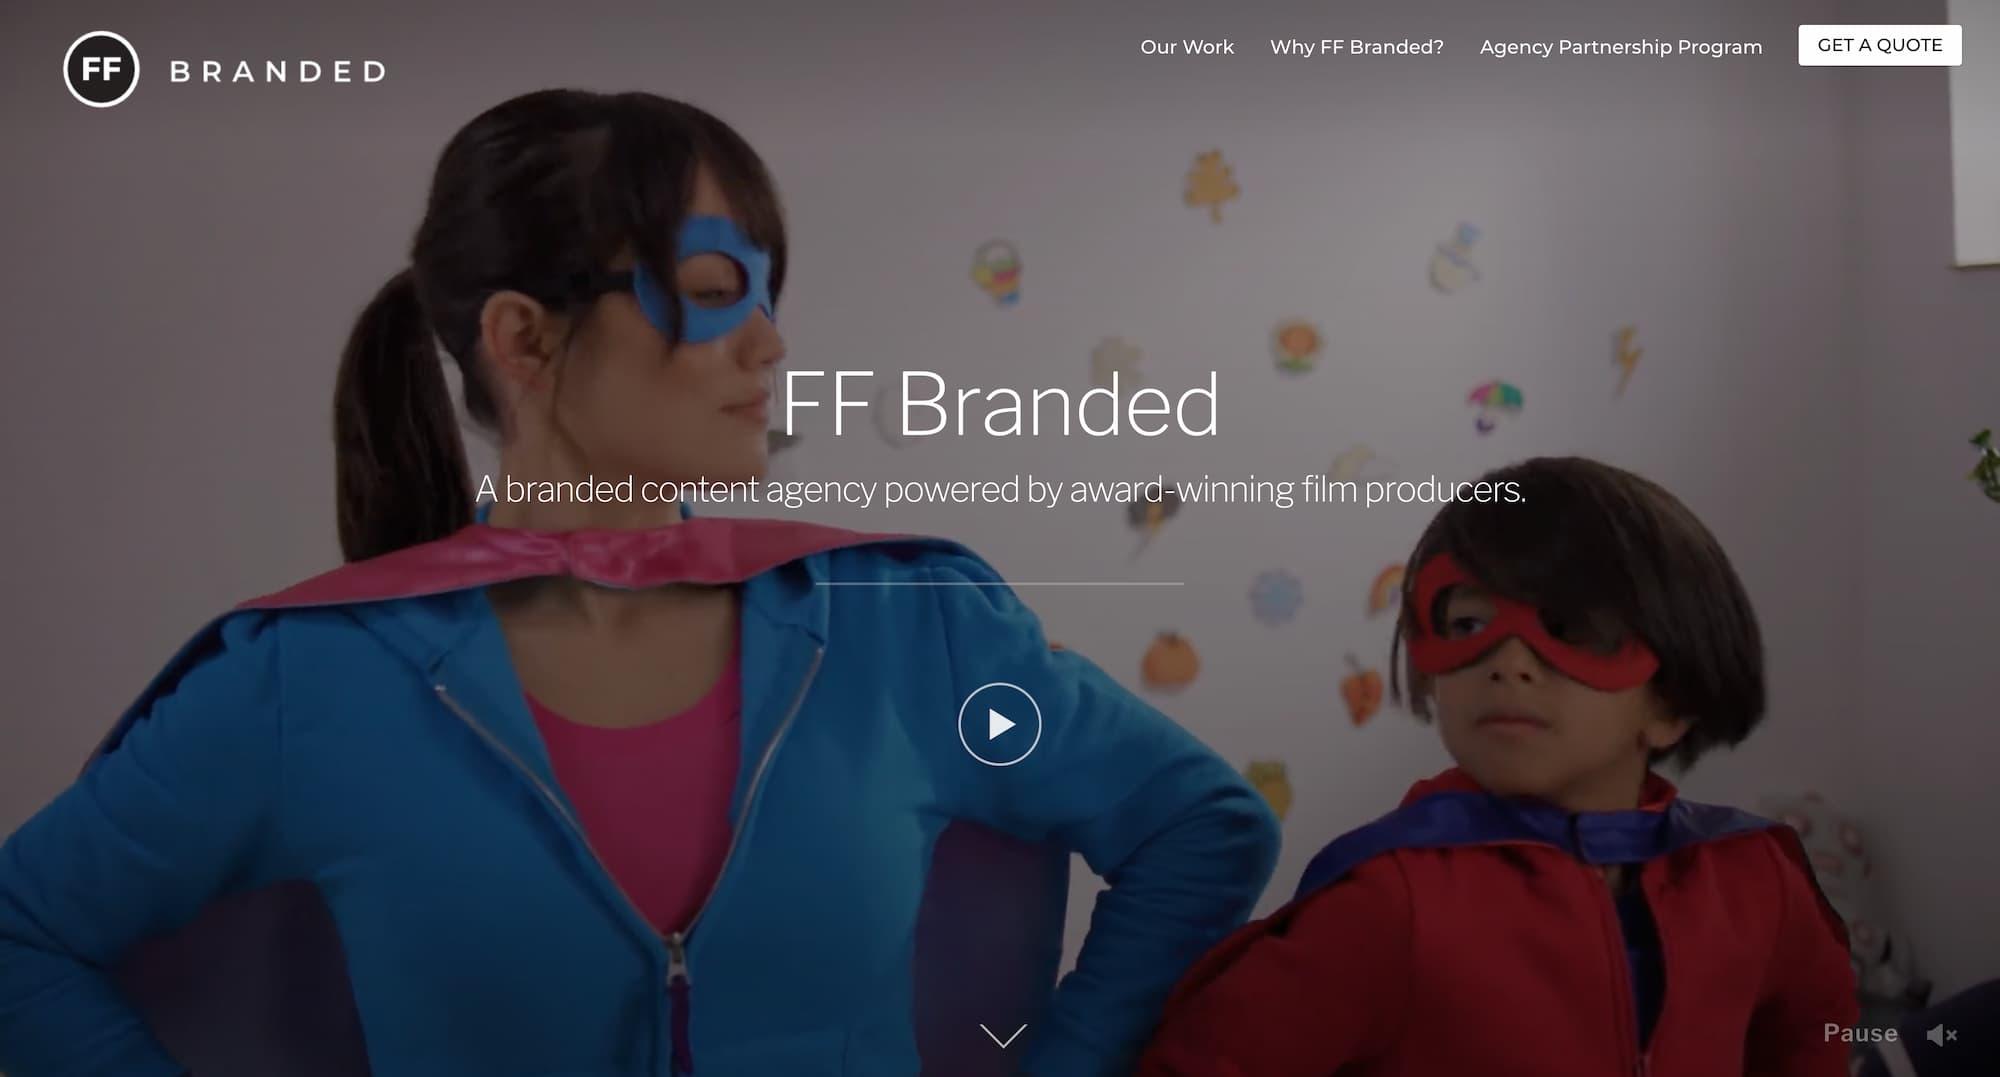 FF Branded